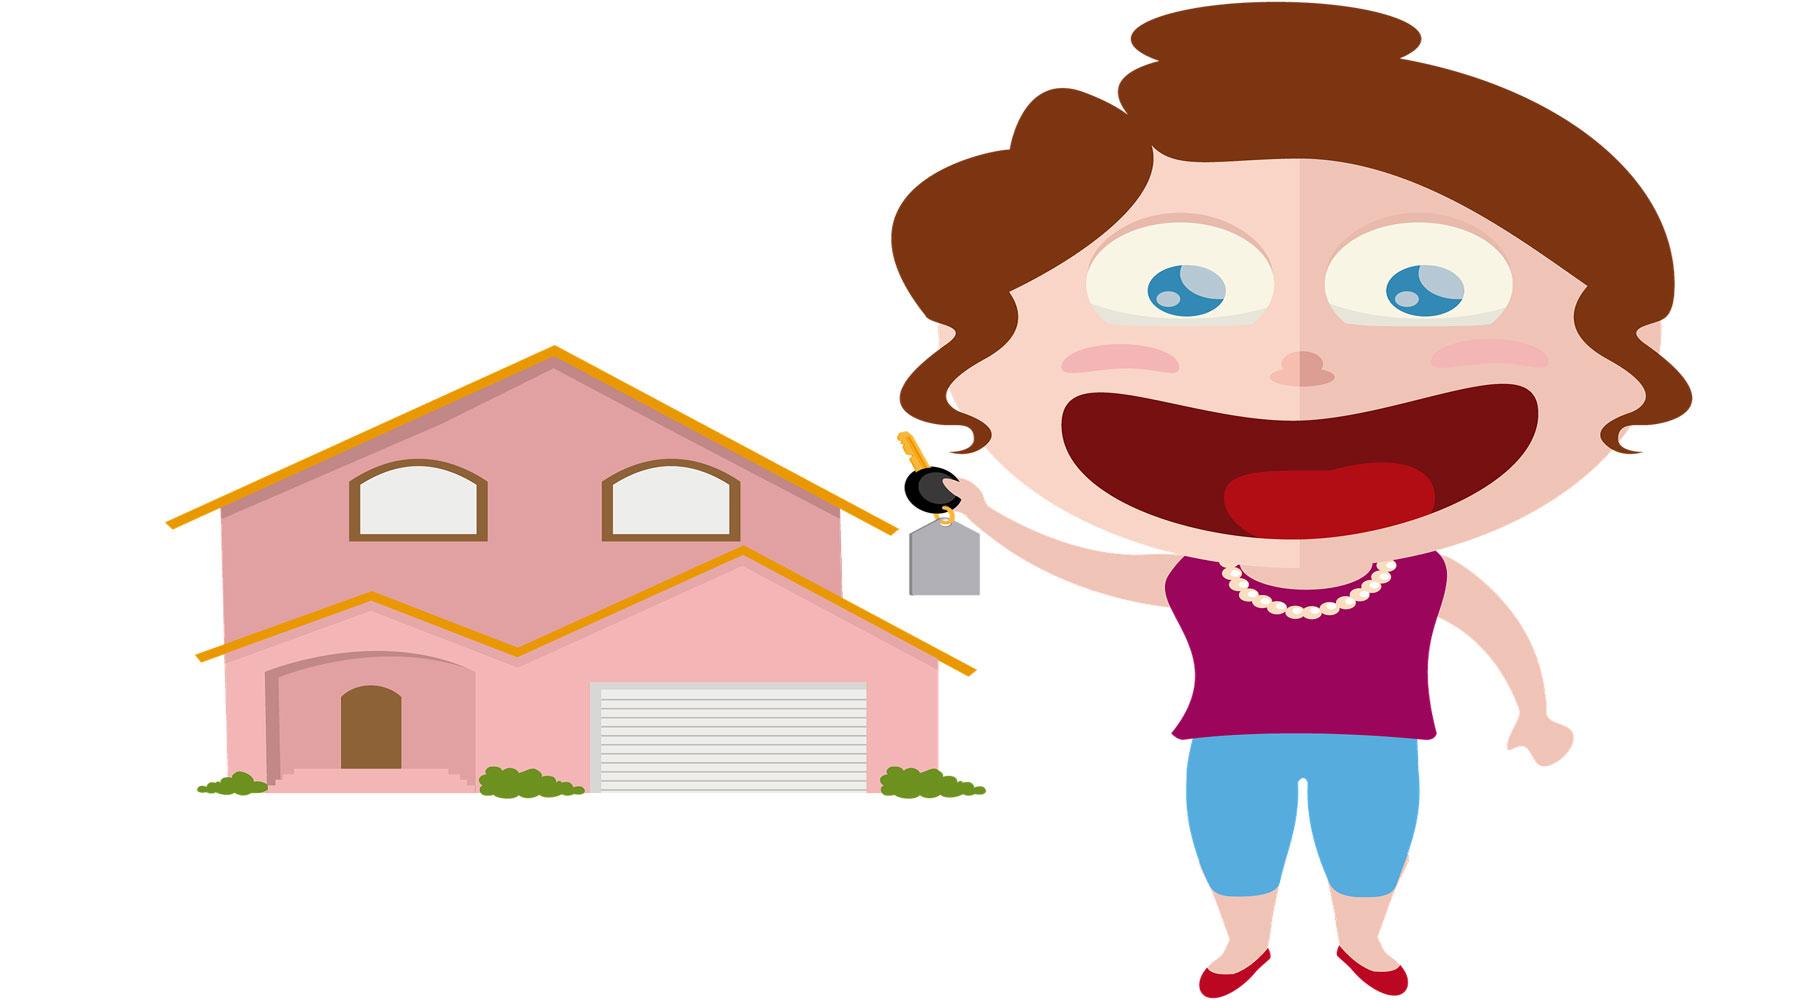 Mutuo prima casa detrazione irpef per interessi passivi - Condizioni mutuo prima casa ...